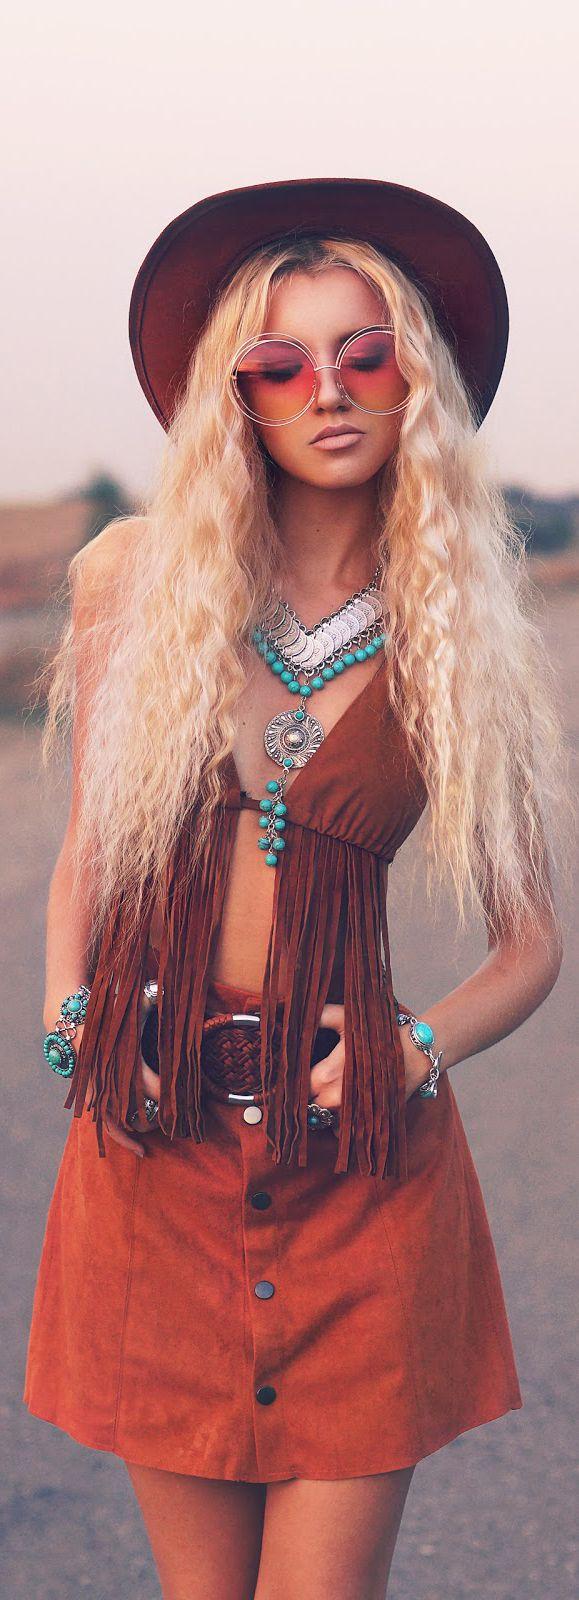 best boho my minds eye images on pinterest boho fashion